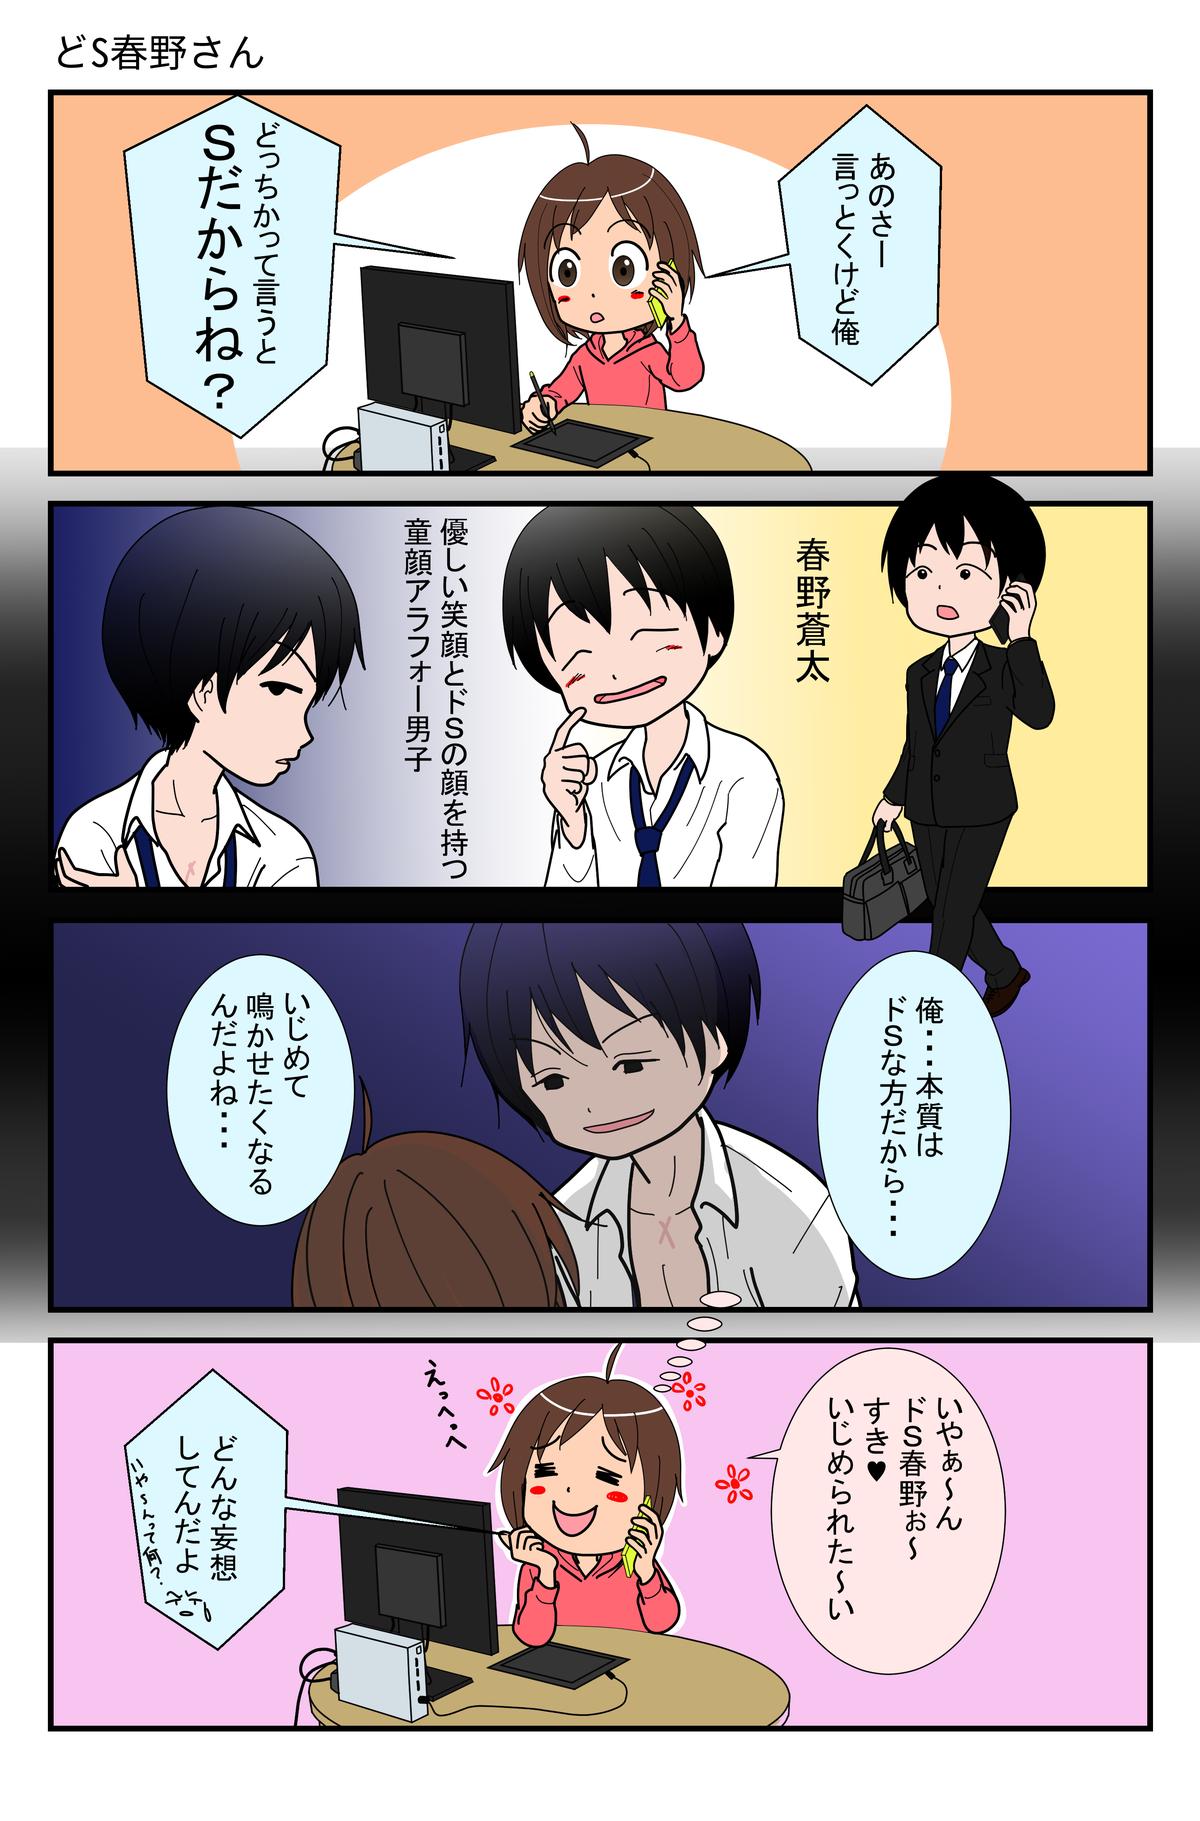 花さんは春野さんの__が好き_010